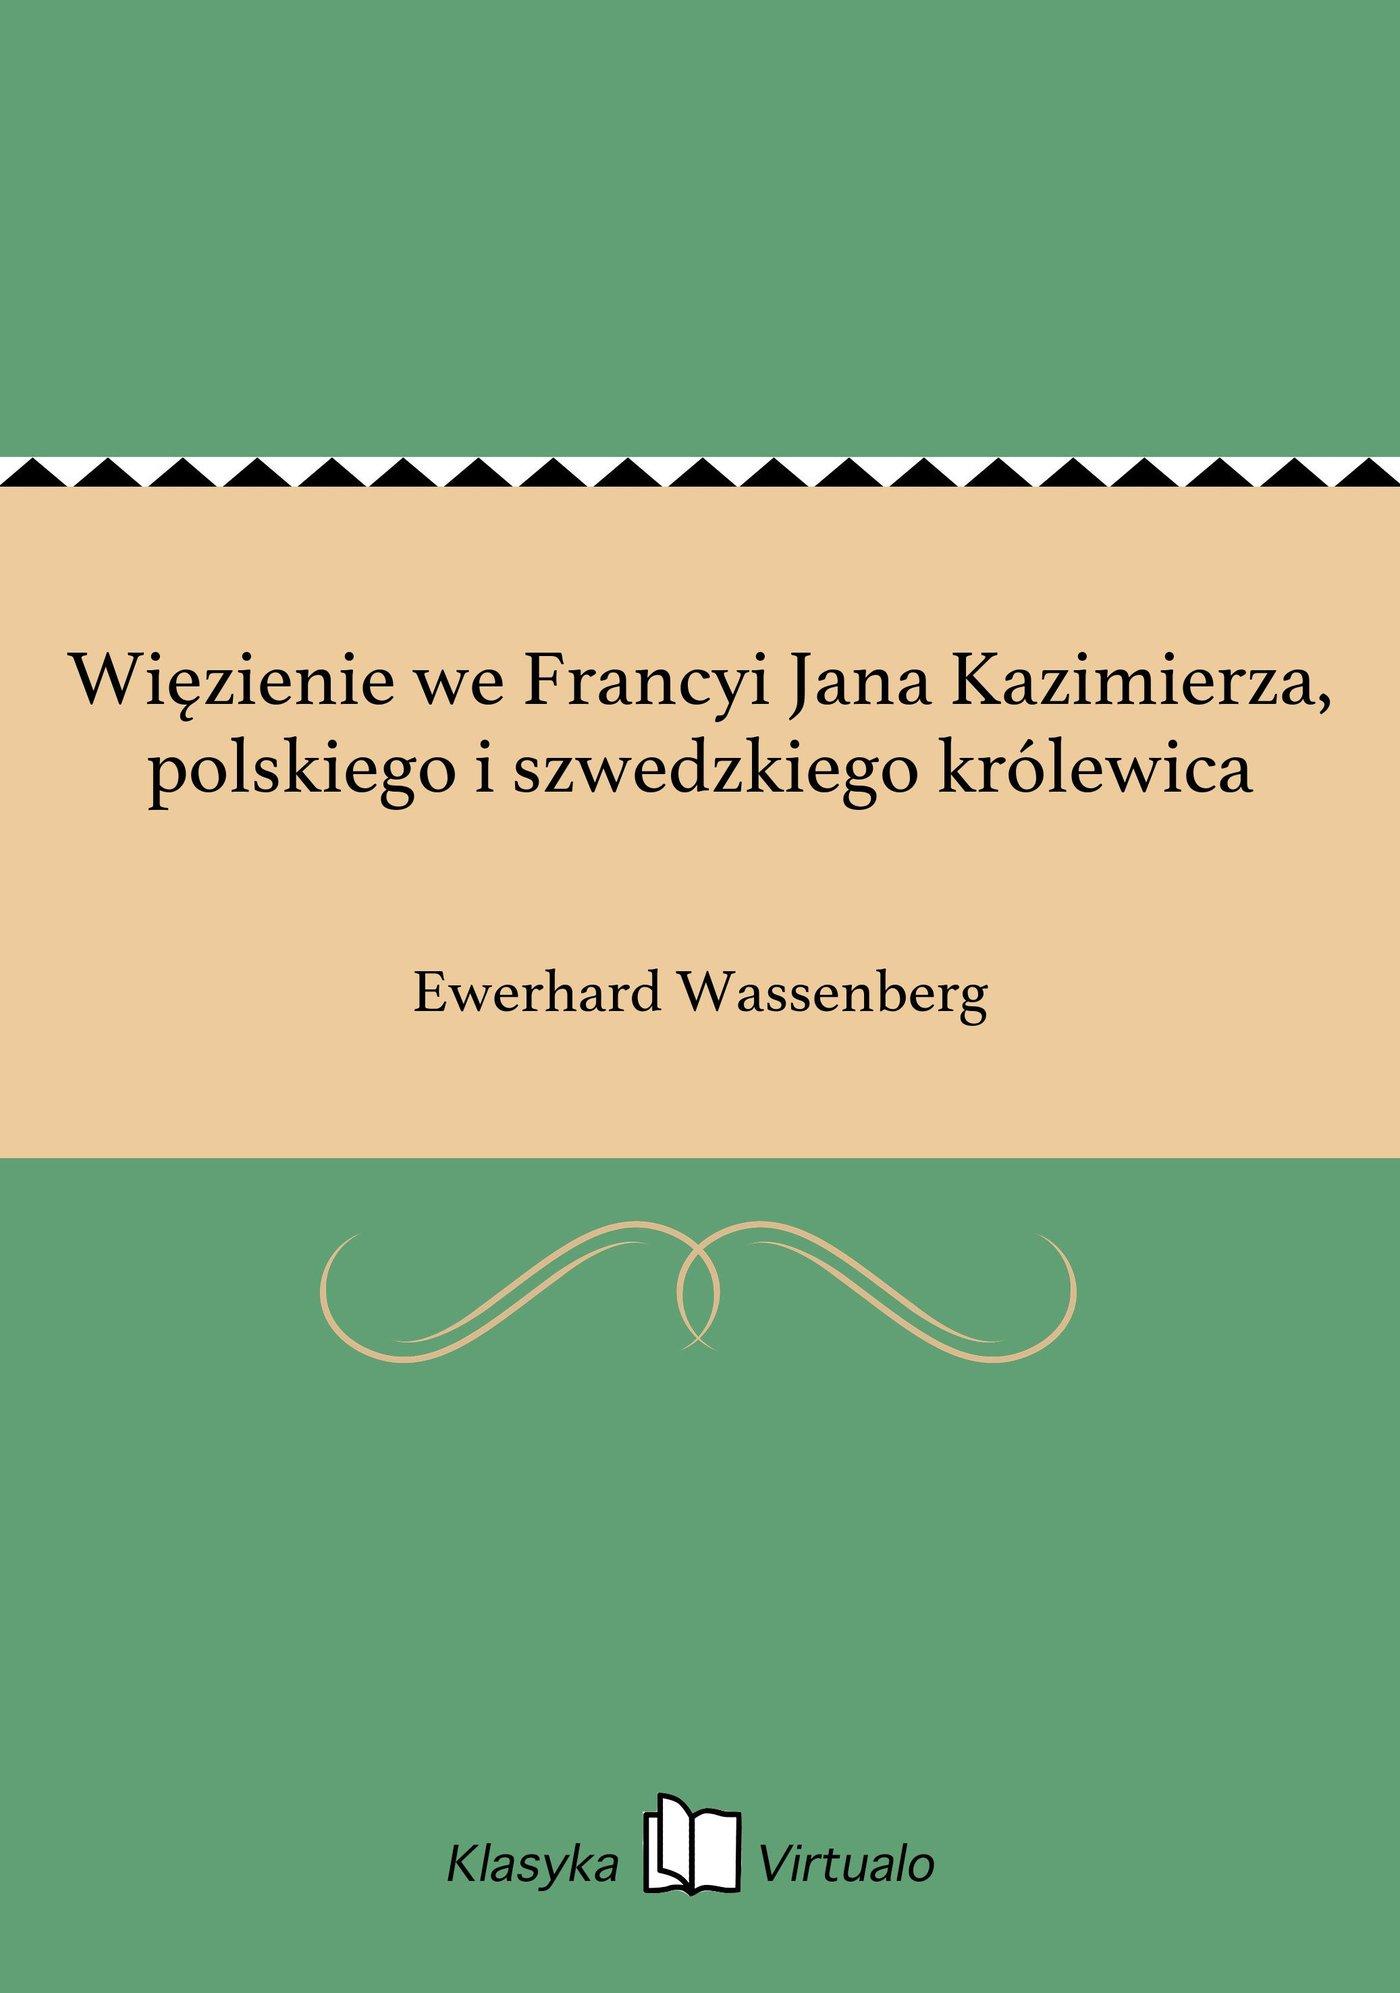 Więzienie we Francyi Jana Kazimierza, polskiego i szwedzkiego królewica - Ebook (Książka EPUB) do pobrania w formacie EPUB